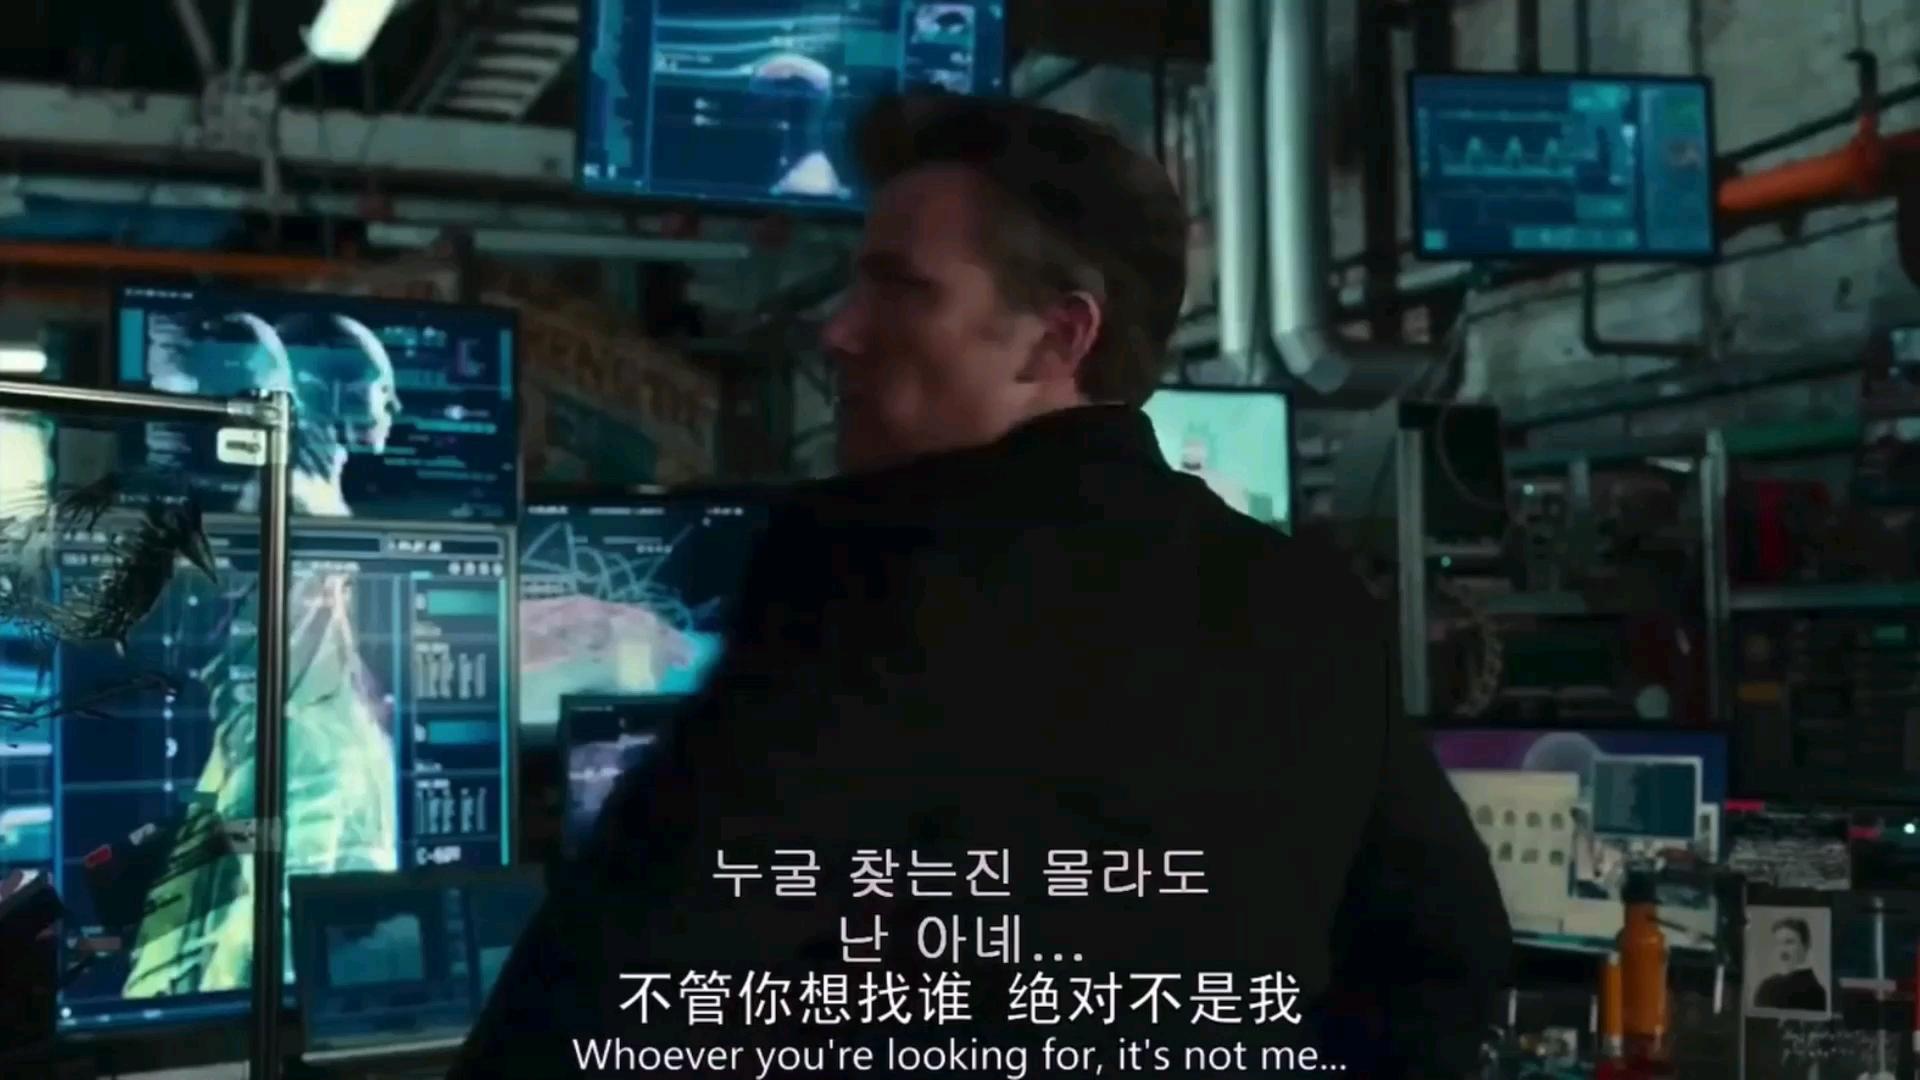 蝙蝠侠的钞能力!! 每天看全球精彩英语影视片段—-《正义联盟》#英语#英语口语#看电影学英语#零一变